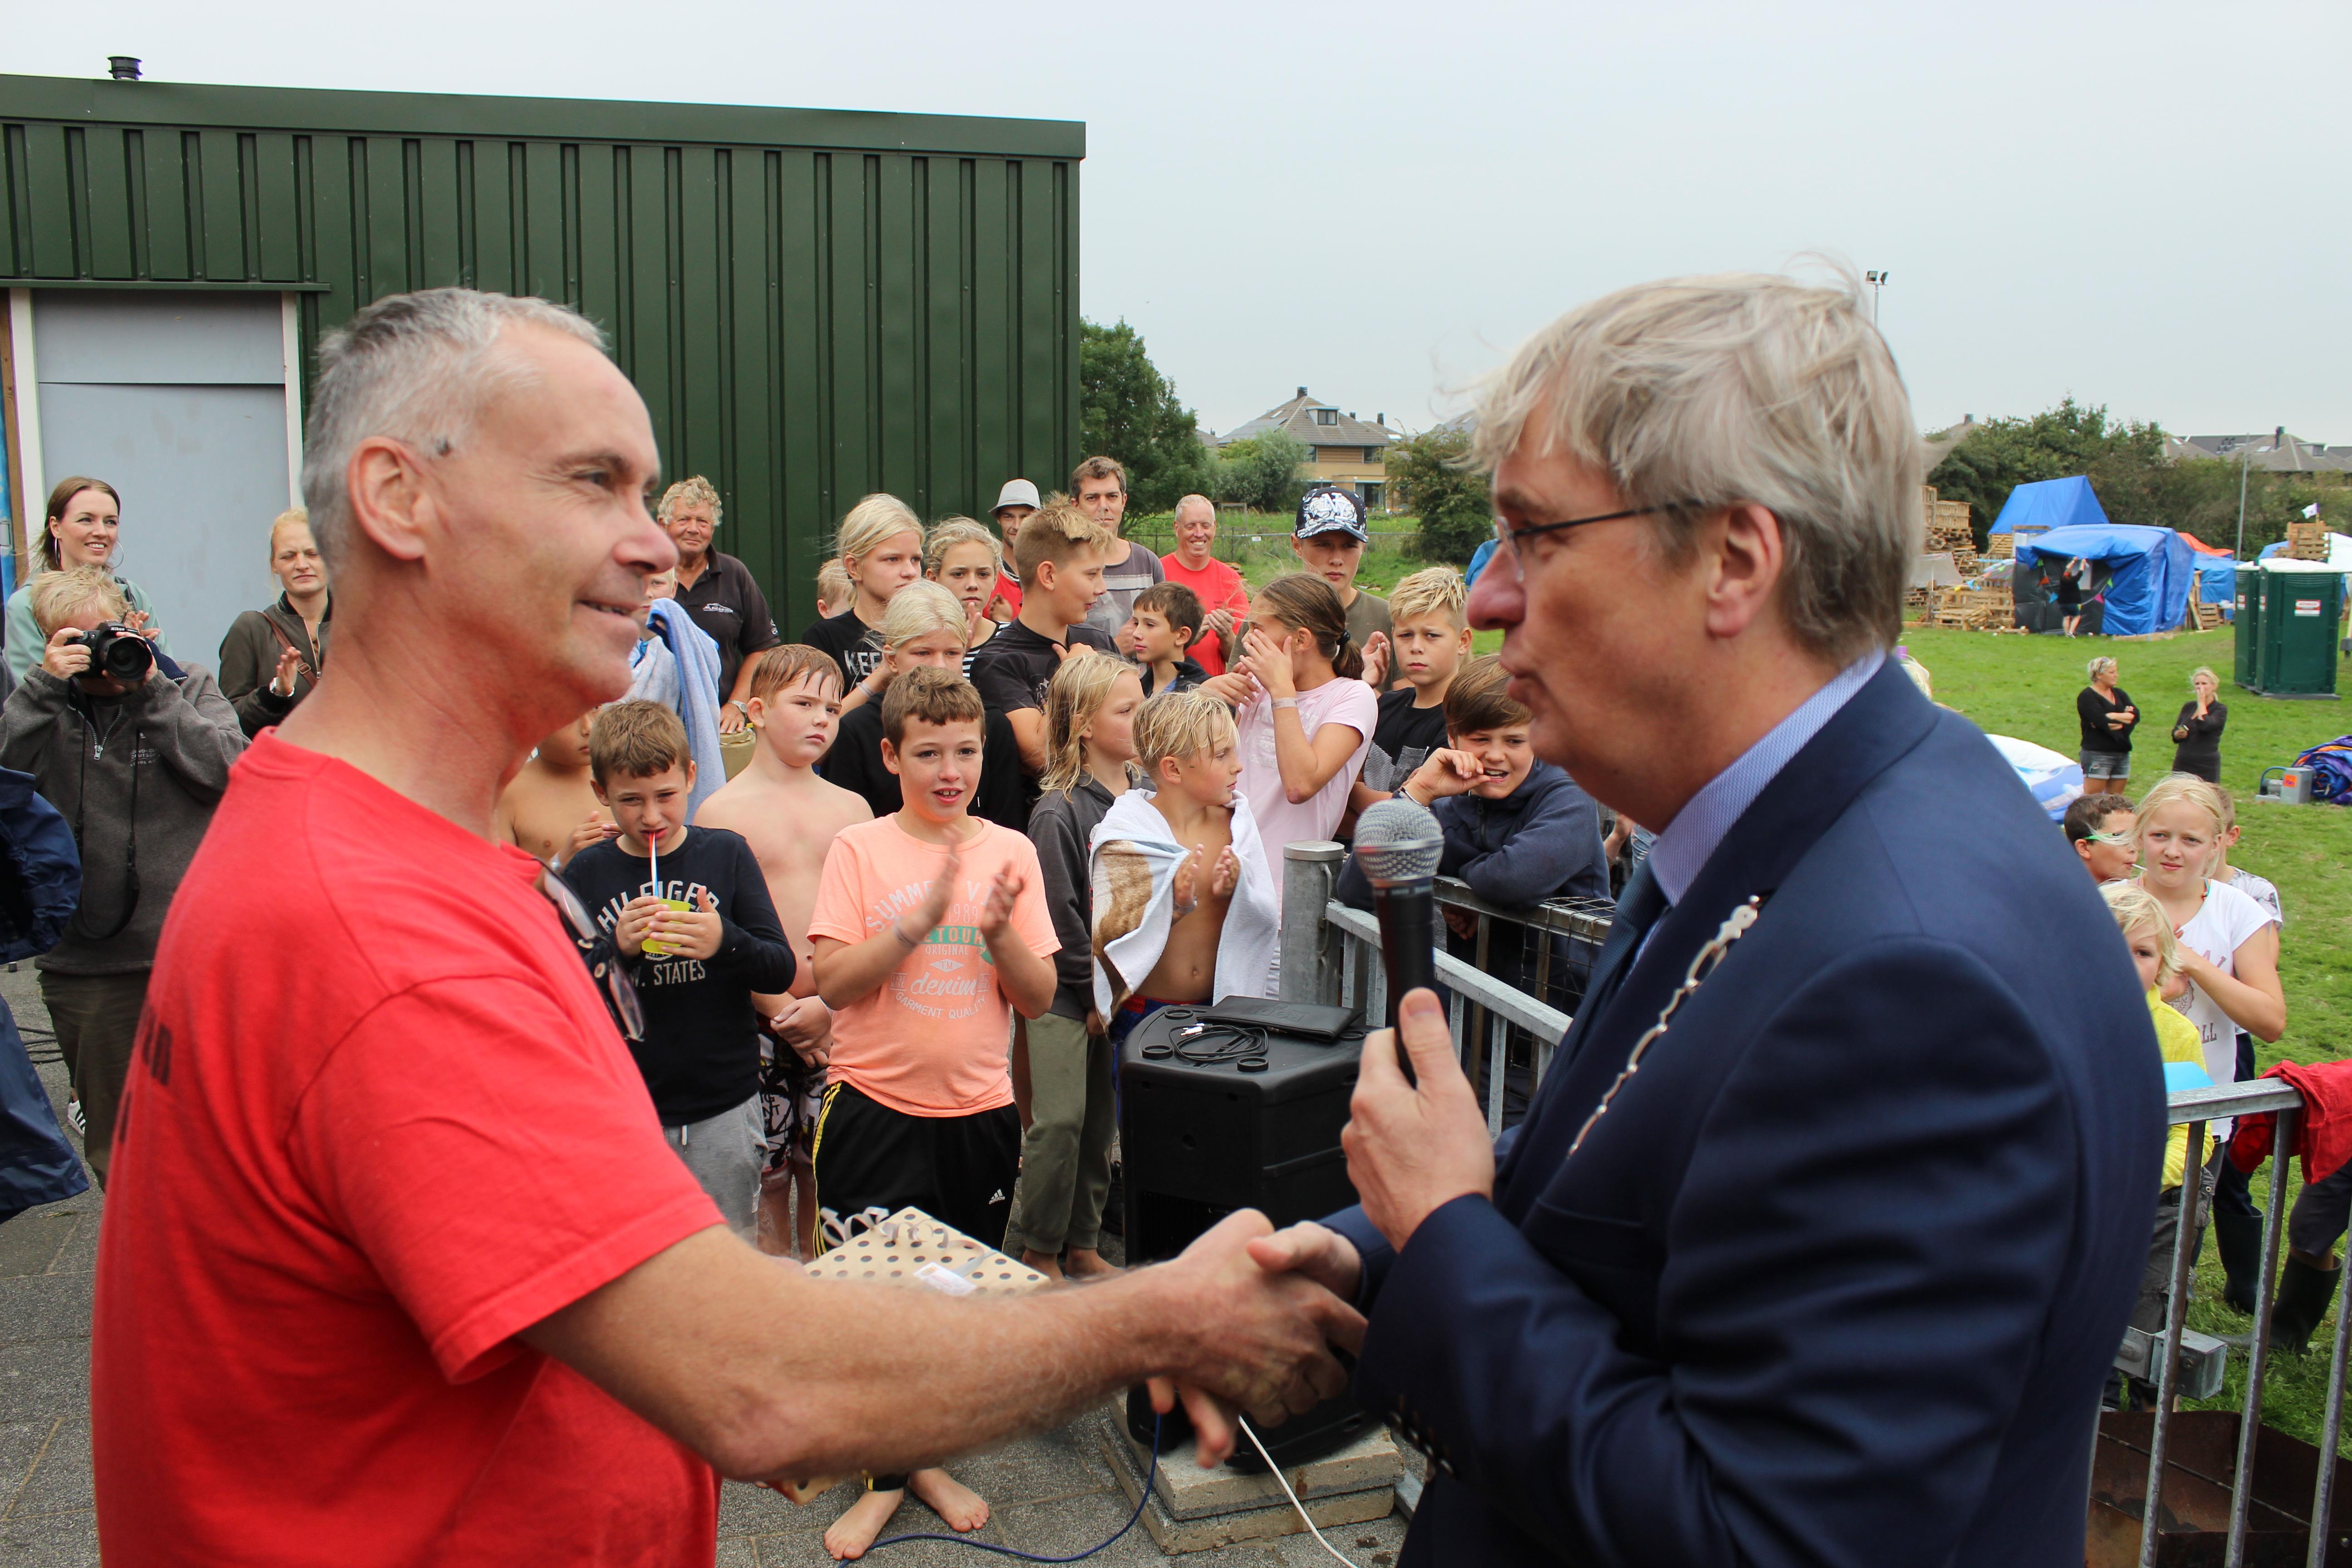 Rob (met keten) en Rob, de twee burgemeesters van het Huttendorp. (Foto's: JWvD)